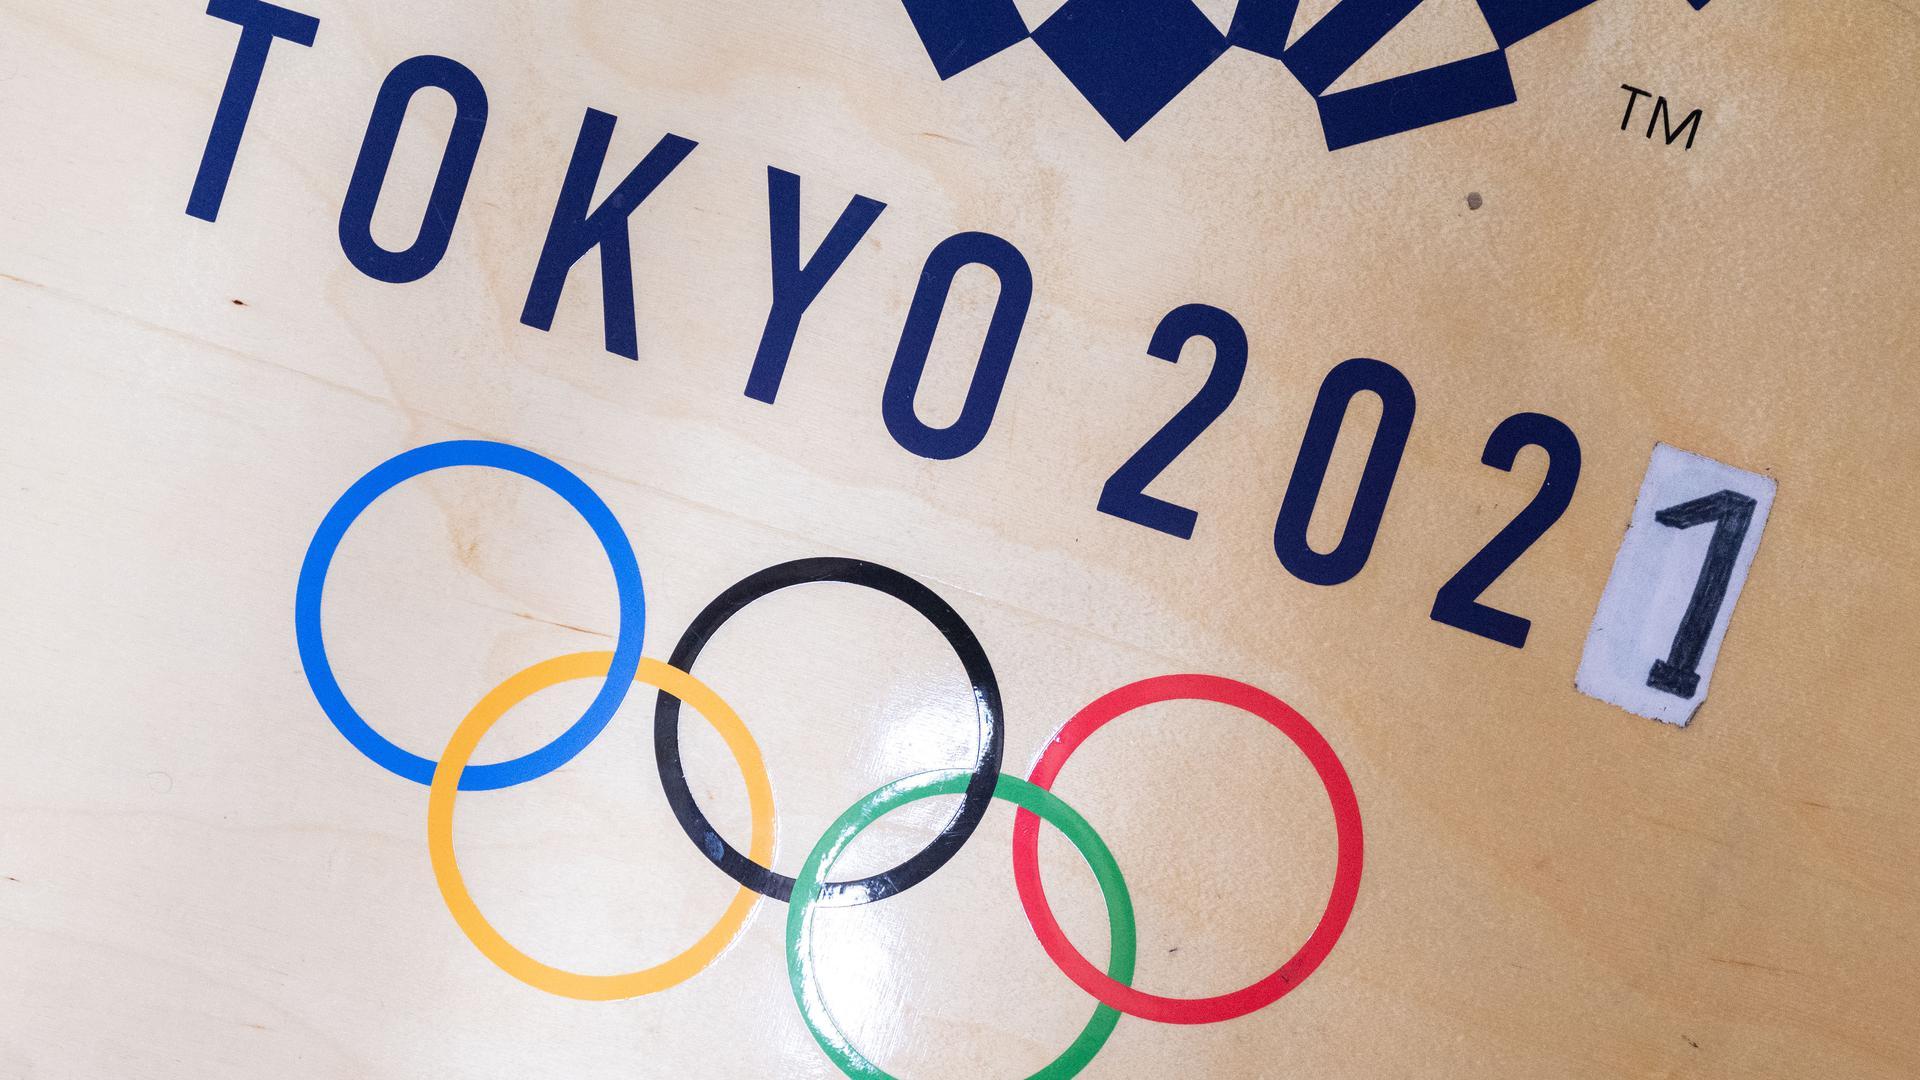 Die Ziffer 0 ist in der Jahreszahl 2021 eines Logos der olympischen Spiele in Tokio im Kraftraum des Ringers Frank Stäbler durch eine 1 überklebt. Trotz aller Ungewissheit versuchen die Olympia-Macher, die um ein Jahr verschobenen Sommerspiele zu retten. Eine Absage würde viel Geld kosten (zu dpa «Olympisches Risiko: Bei Tokio-Absage drohen Milliarden-Einbußen») +++ dpa-Bildfunk +++